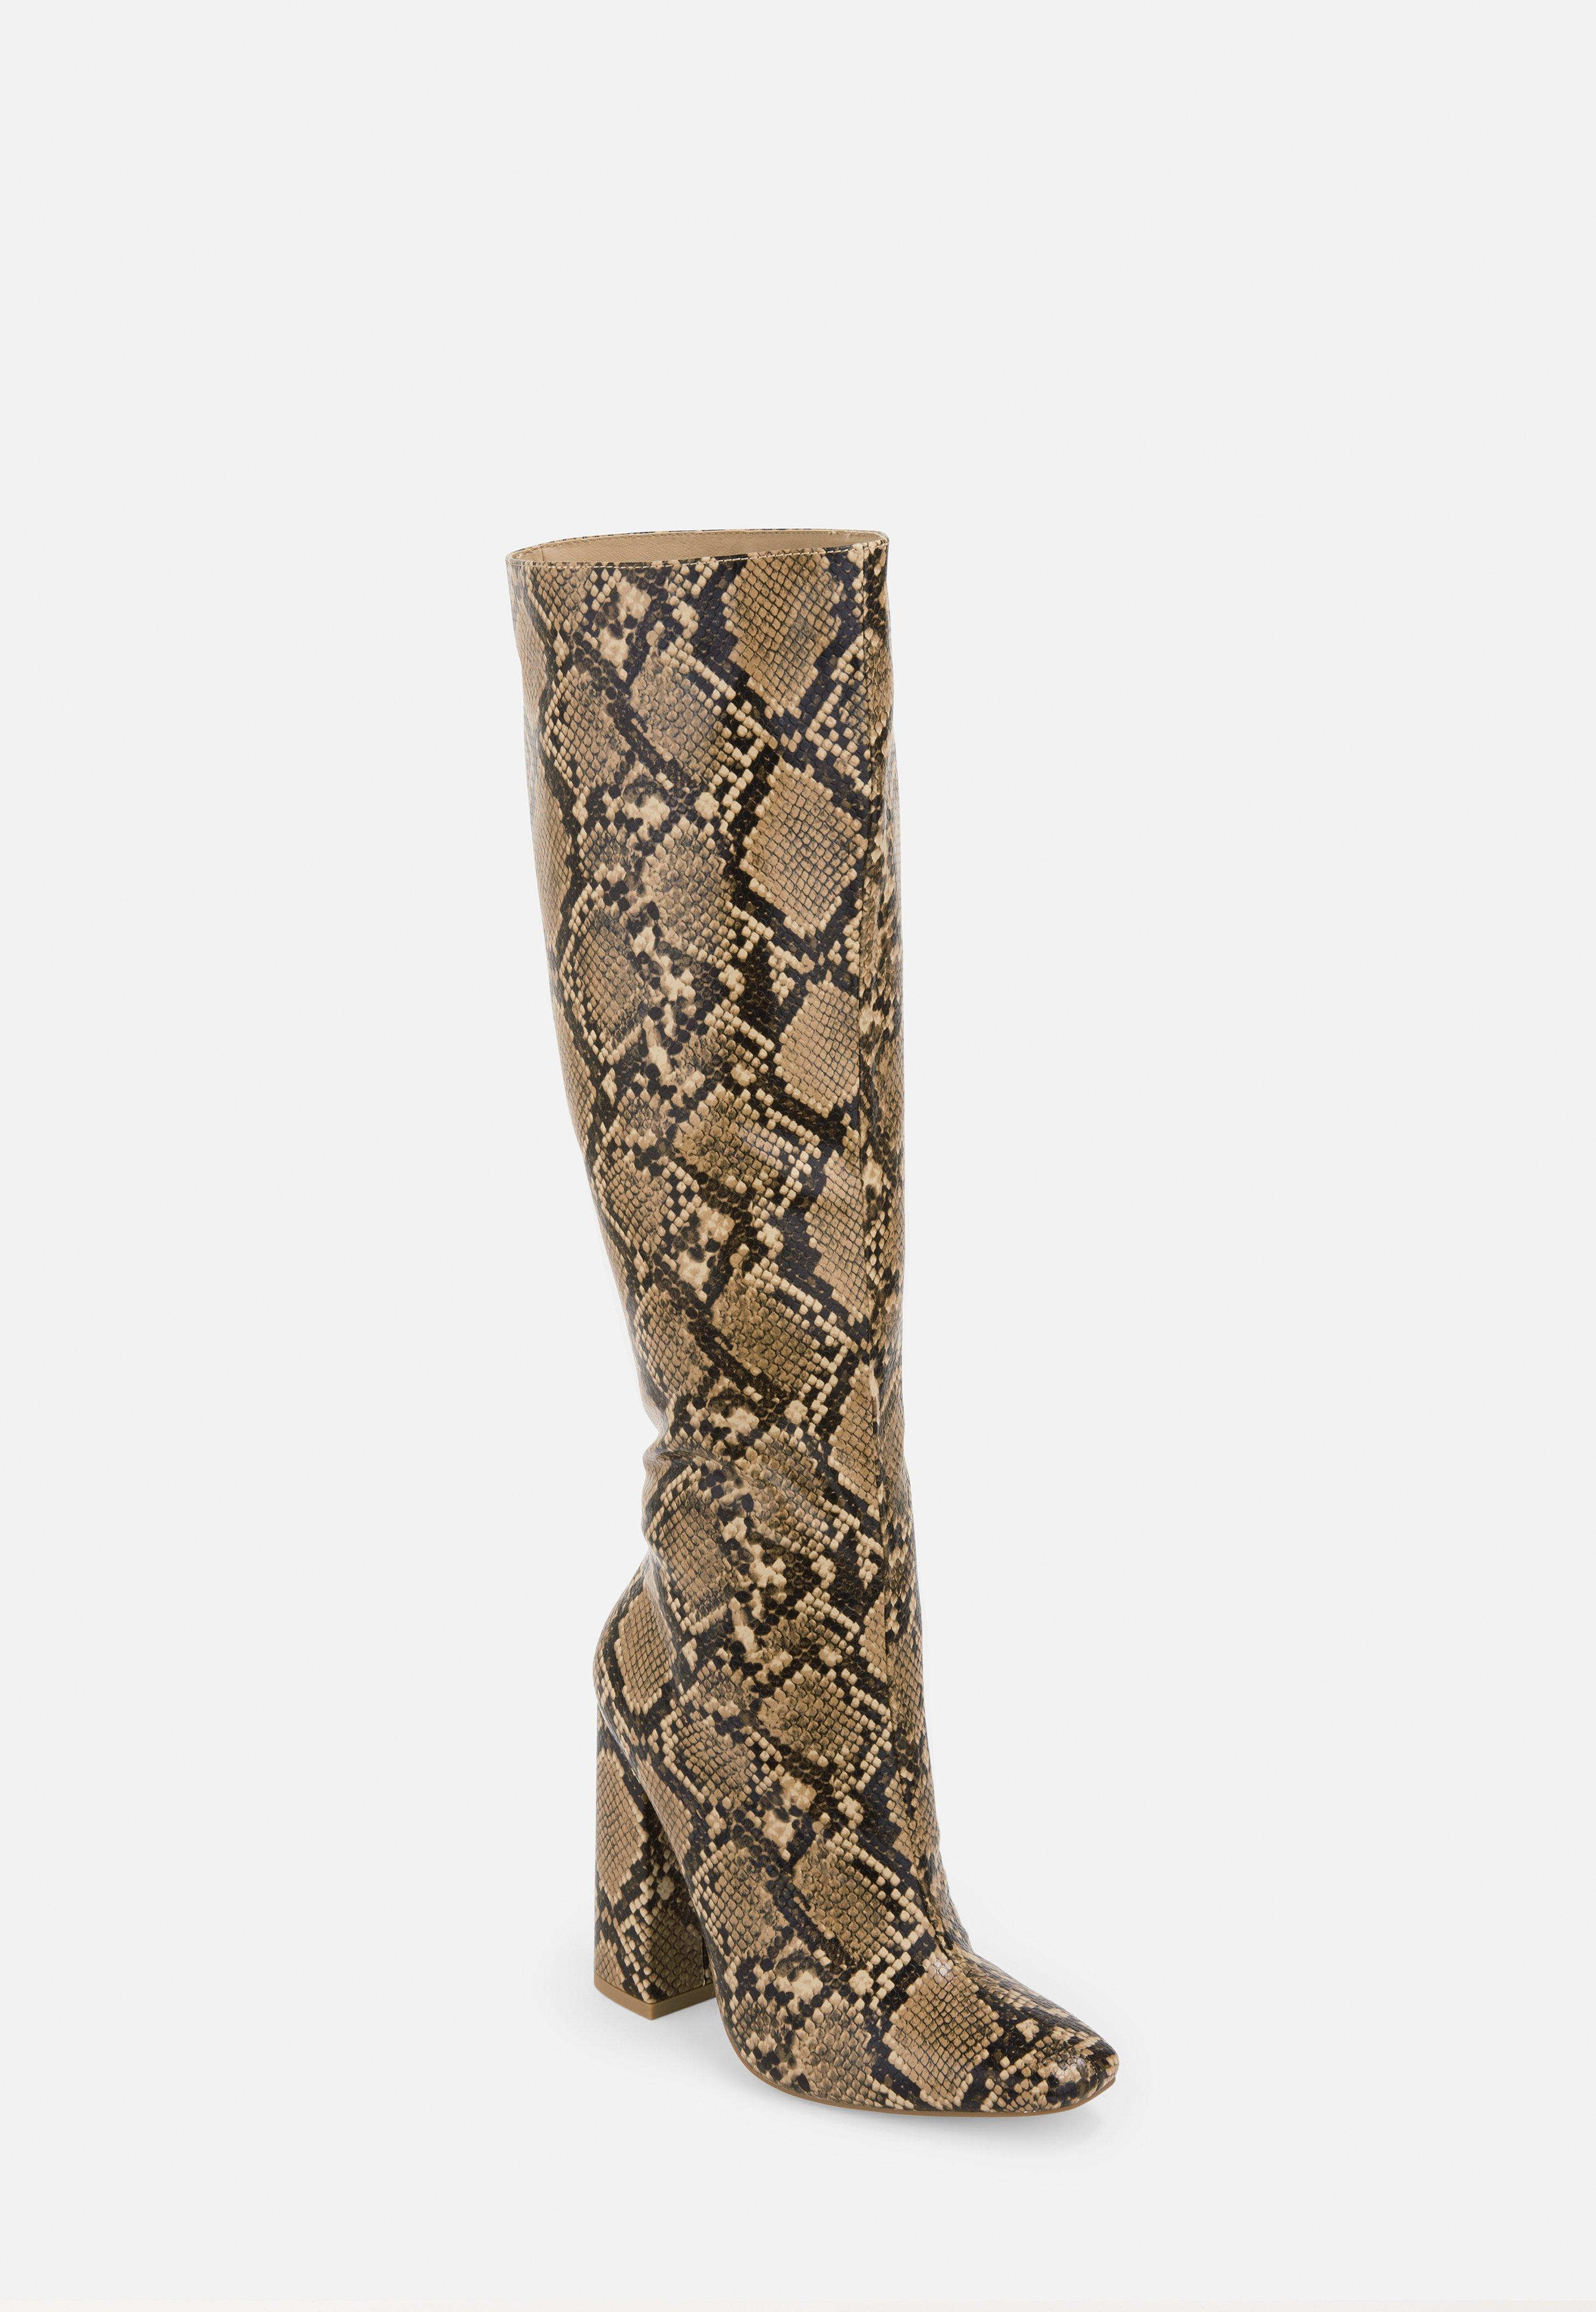 1b58e47ff6e Beige Snake Print Calf Height Heeled Boots